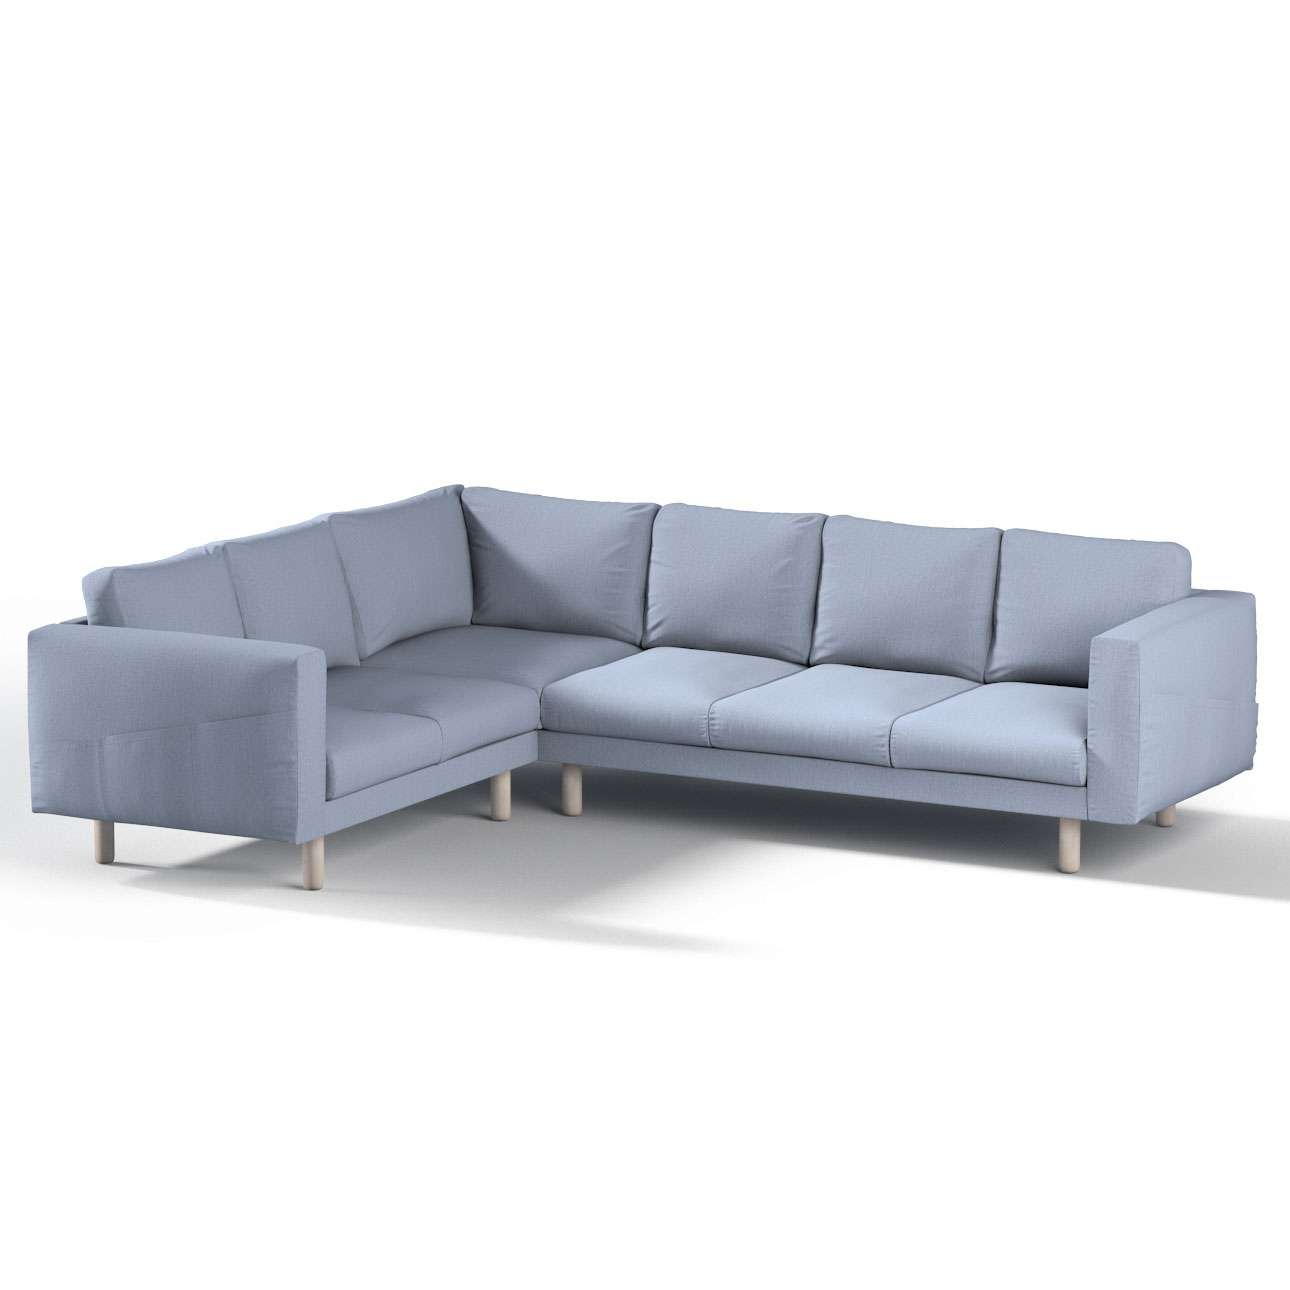 Pokrowiec na sofę narożną Norsborg 5-osobową w kolekcji Chenille, tkanina: 702-13